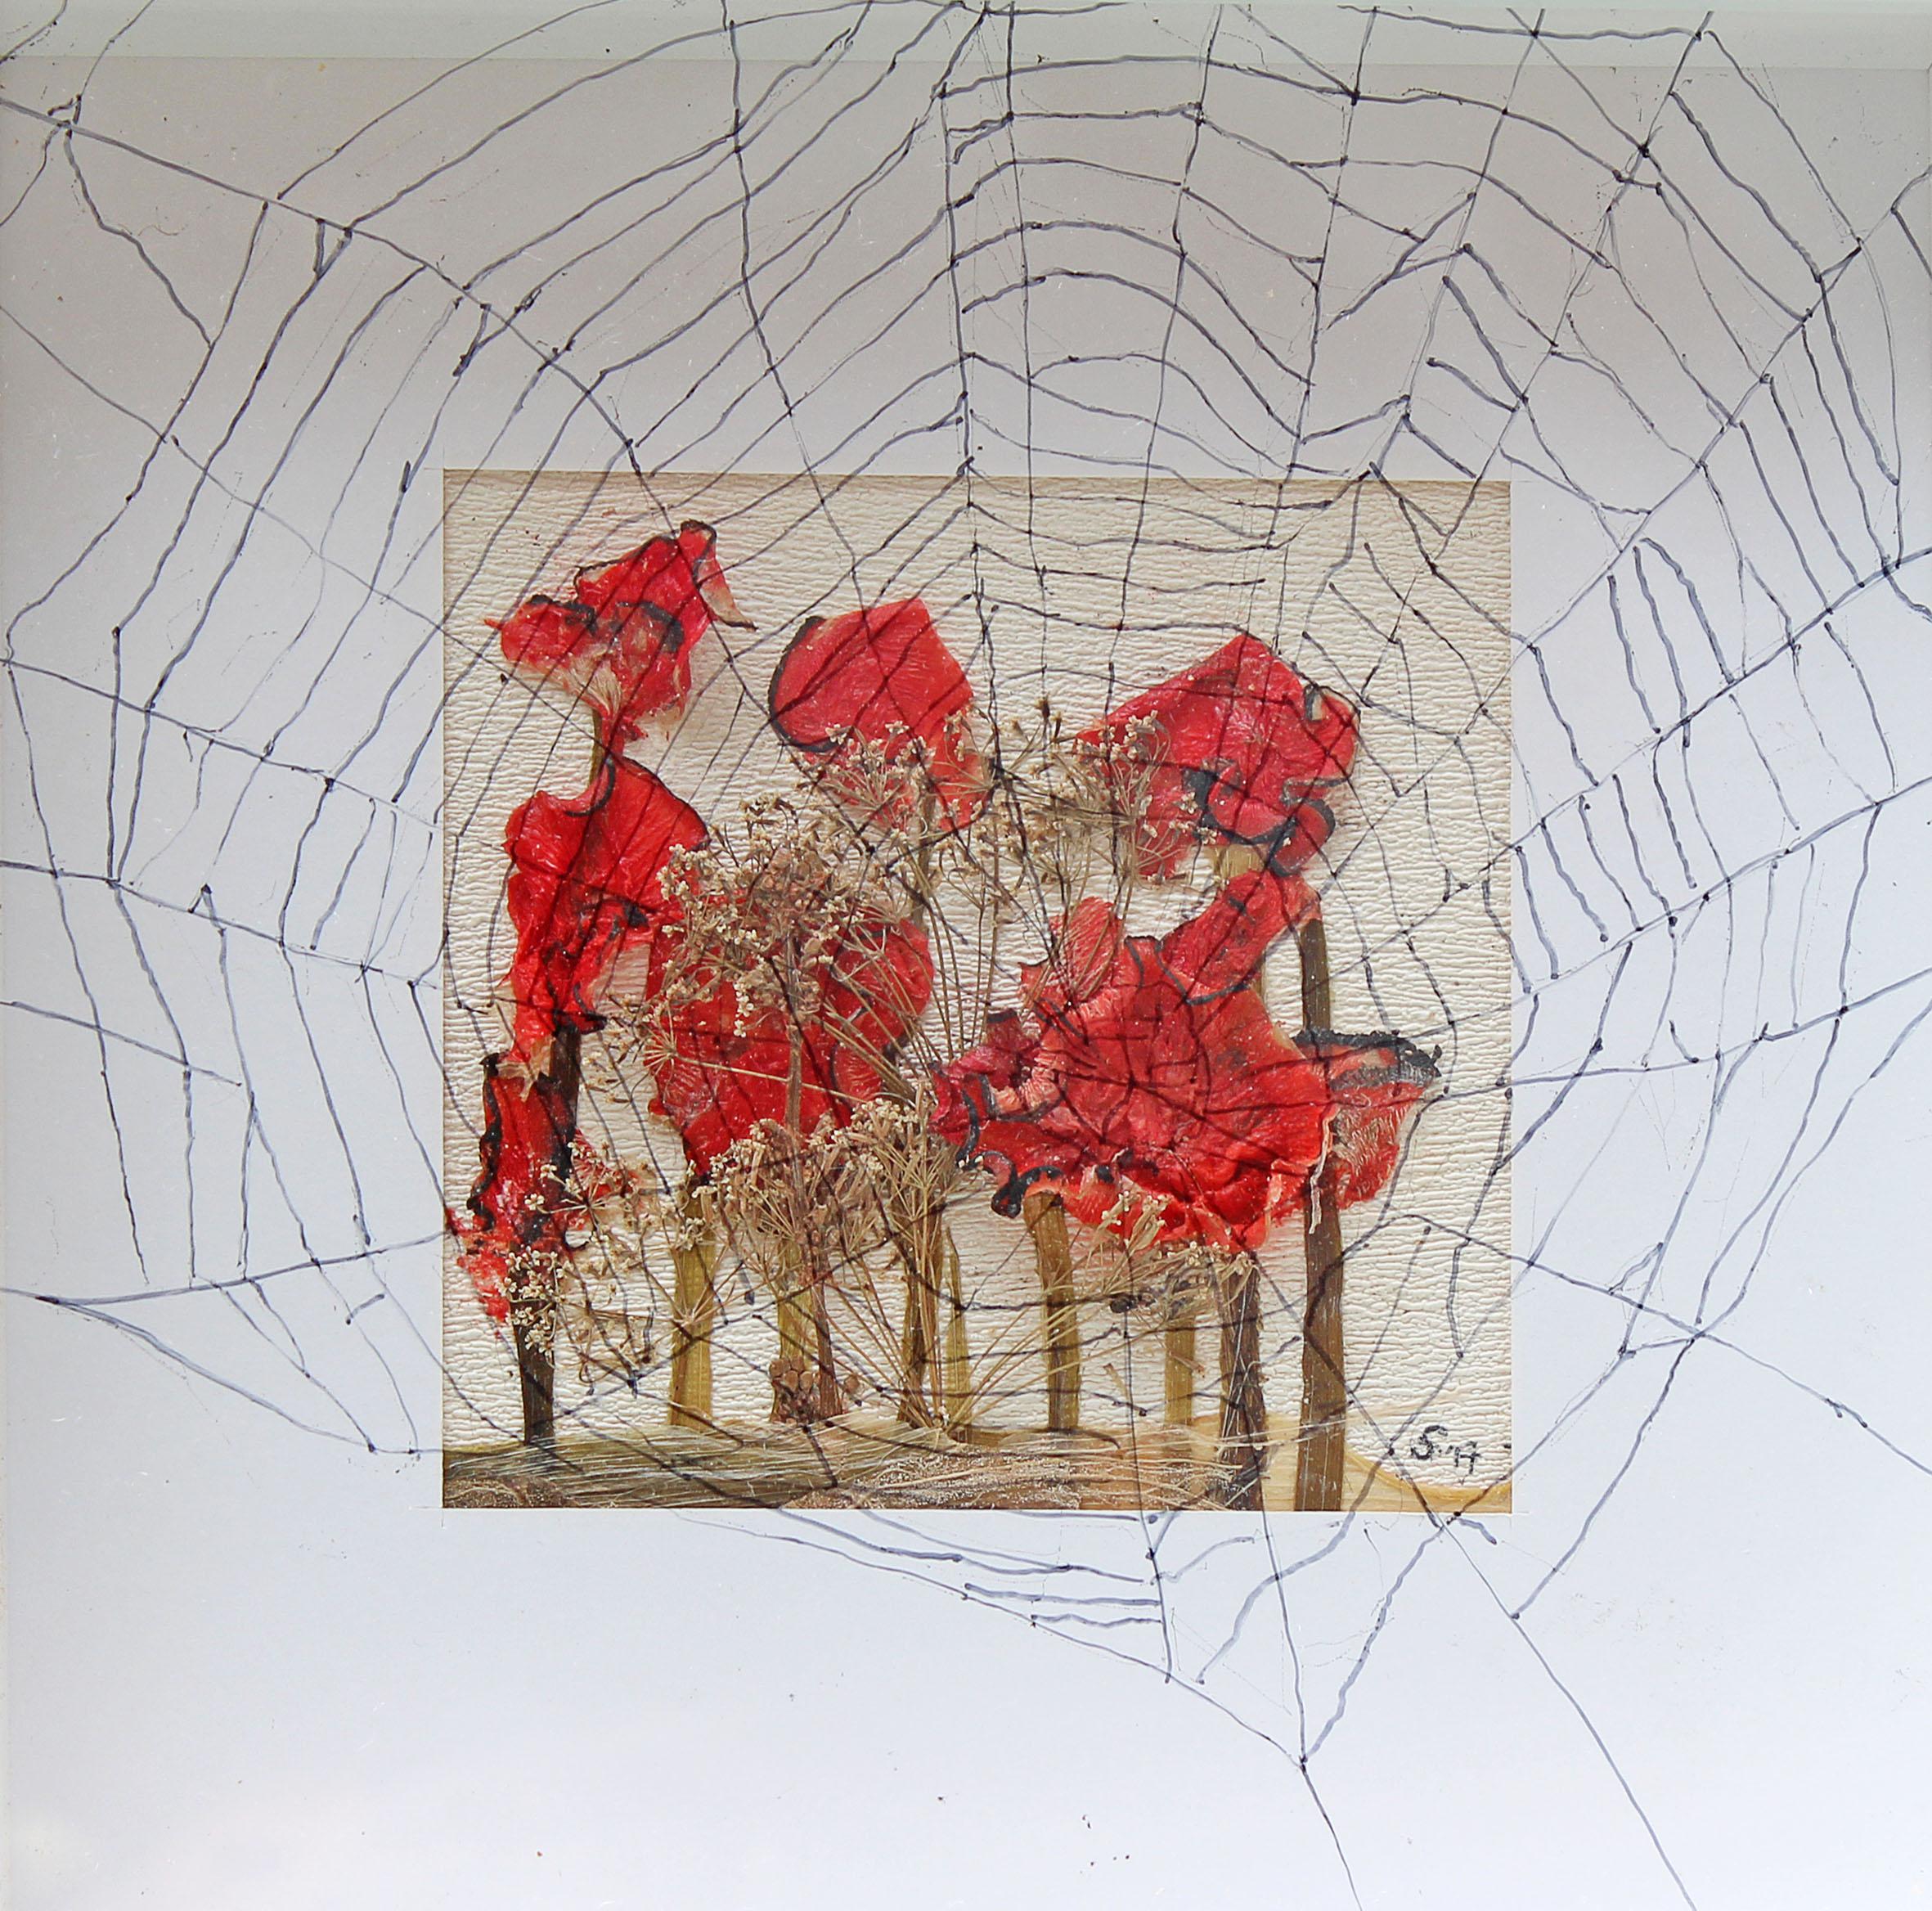 schwarzer Rettich, Porree, Rhararber, Giersch, echtes Spinnennetz